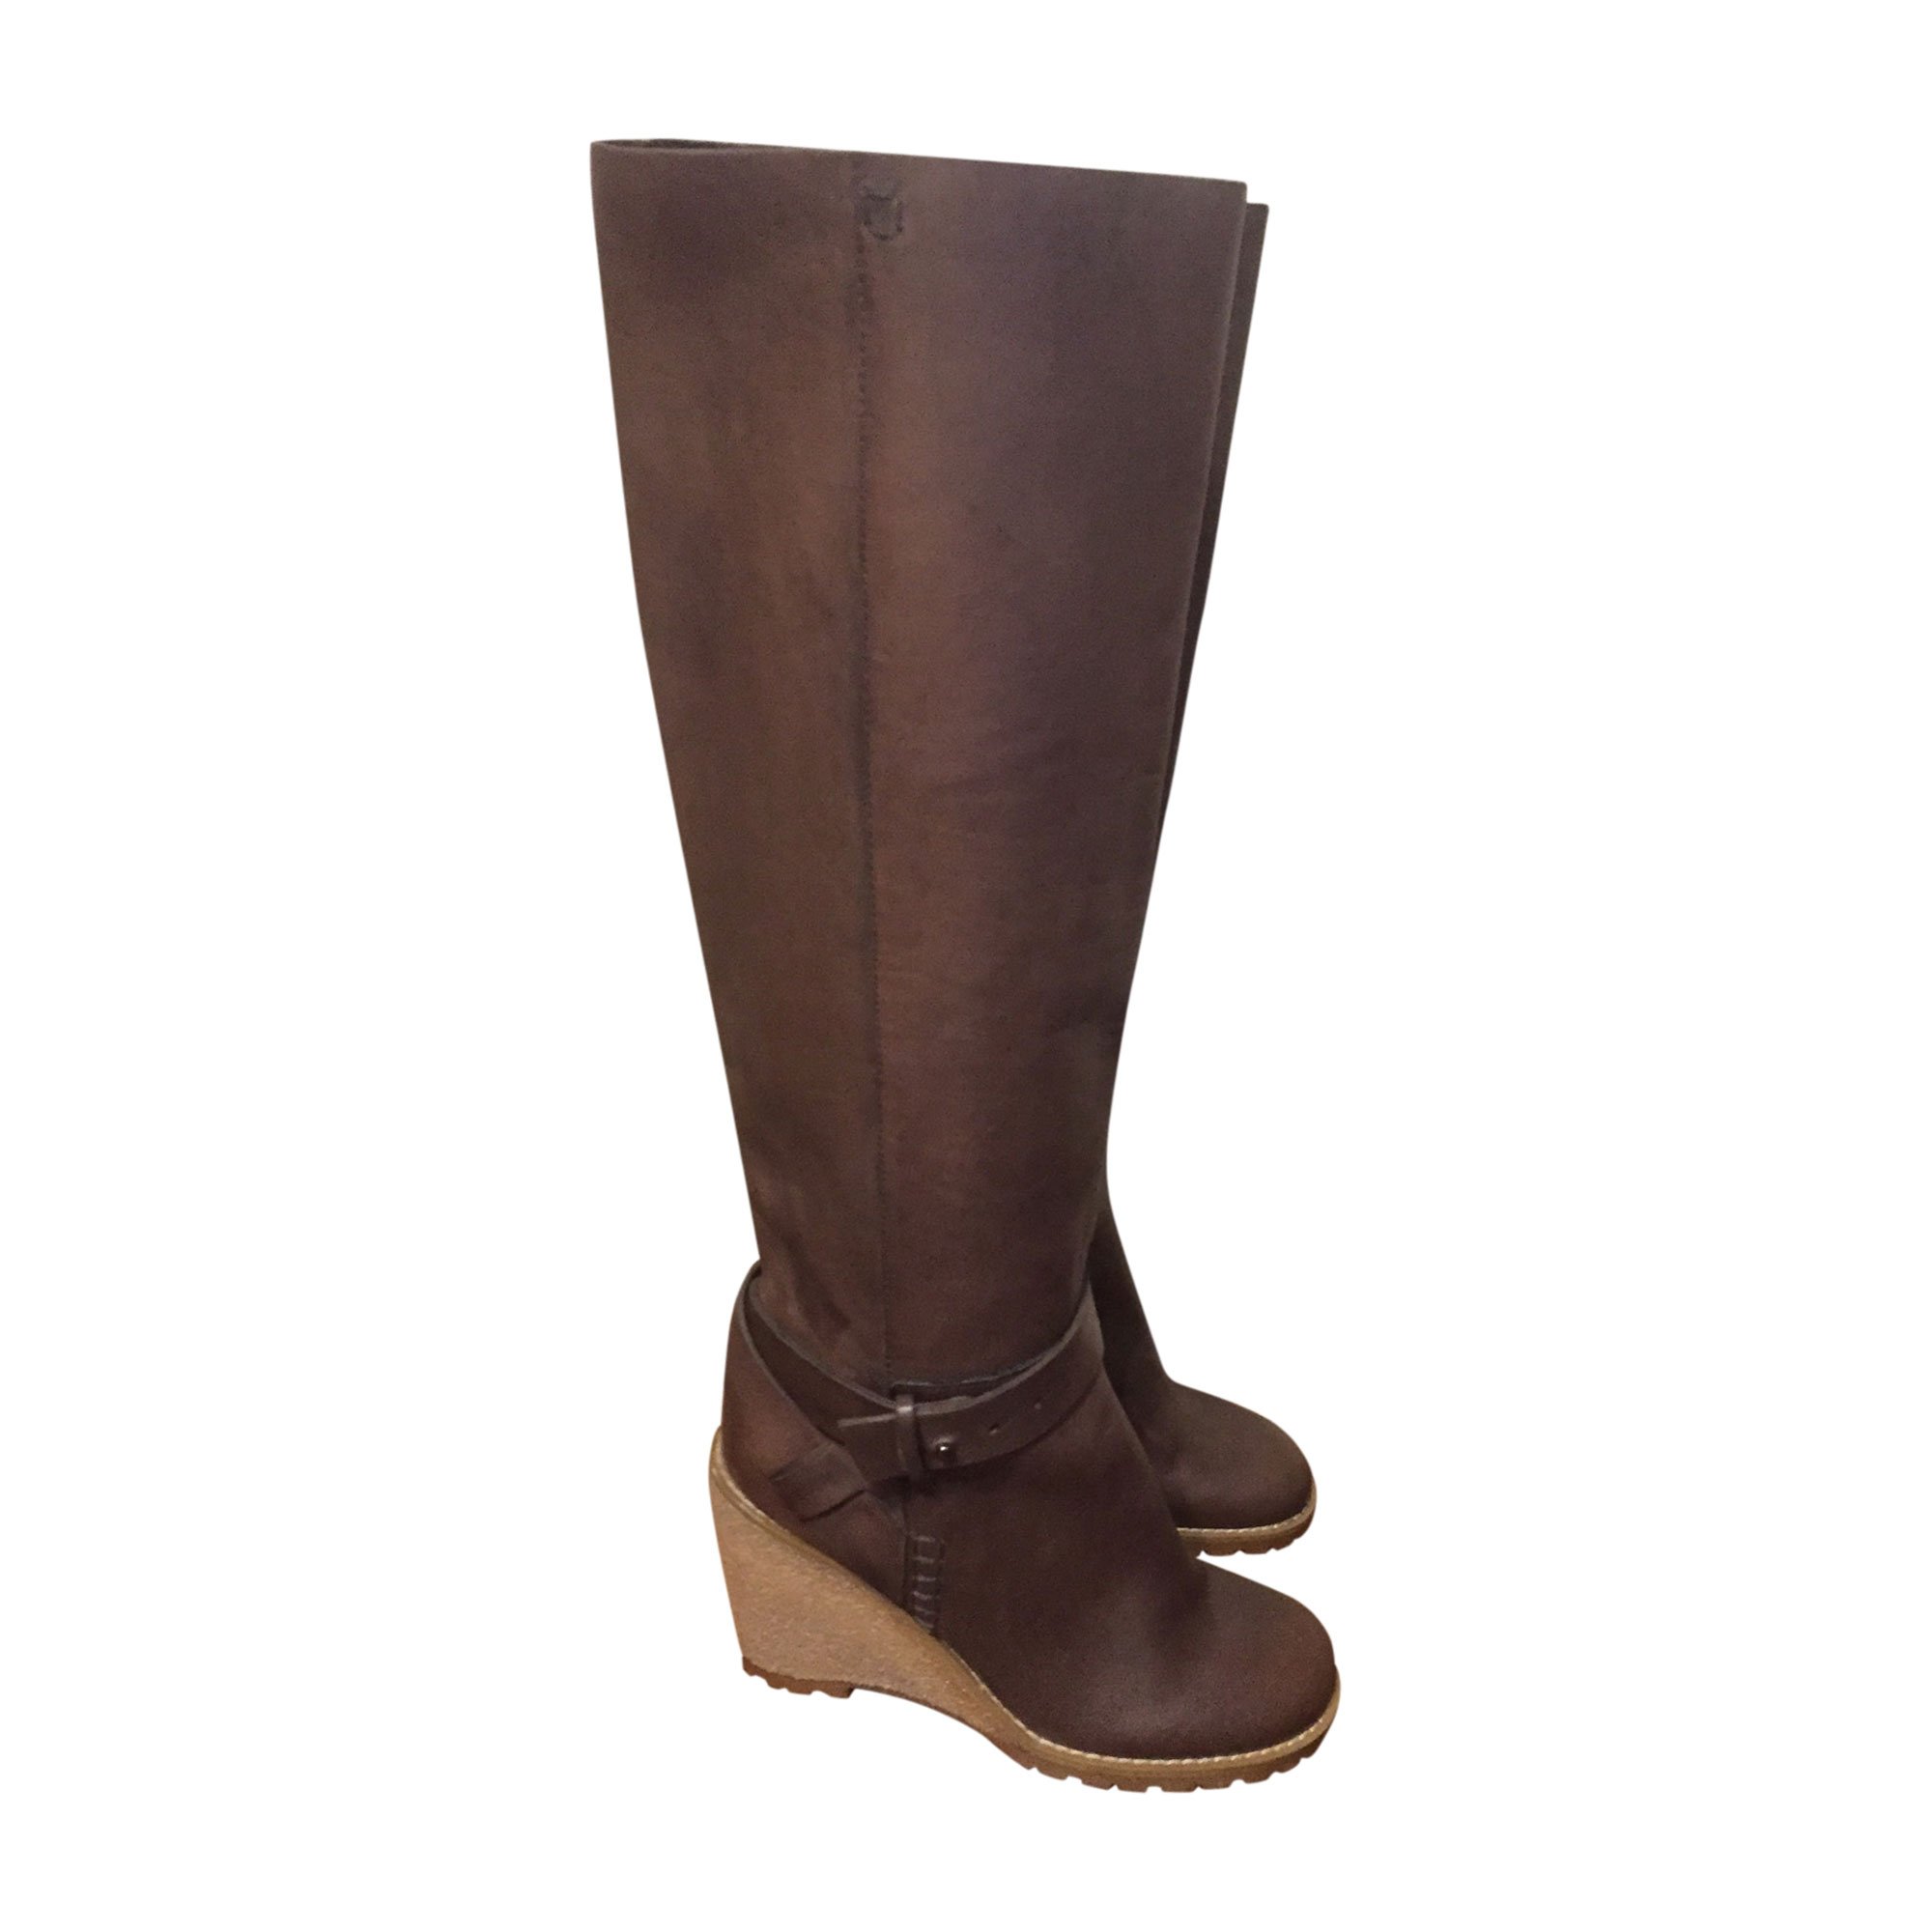 Stivali con tacchi SEE BY CHLOE Beige, cammello